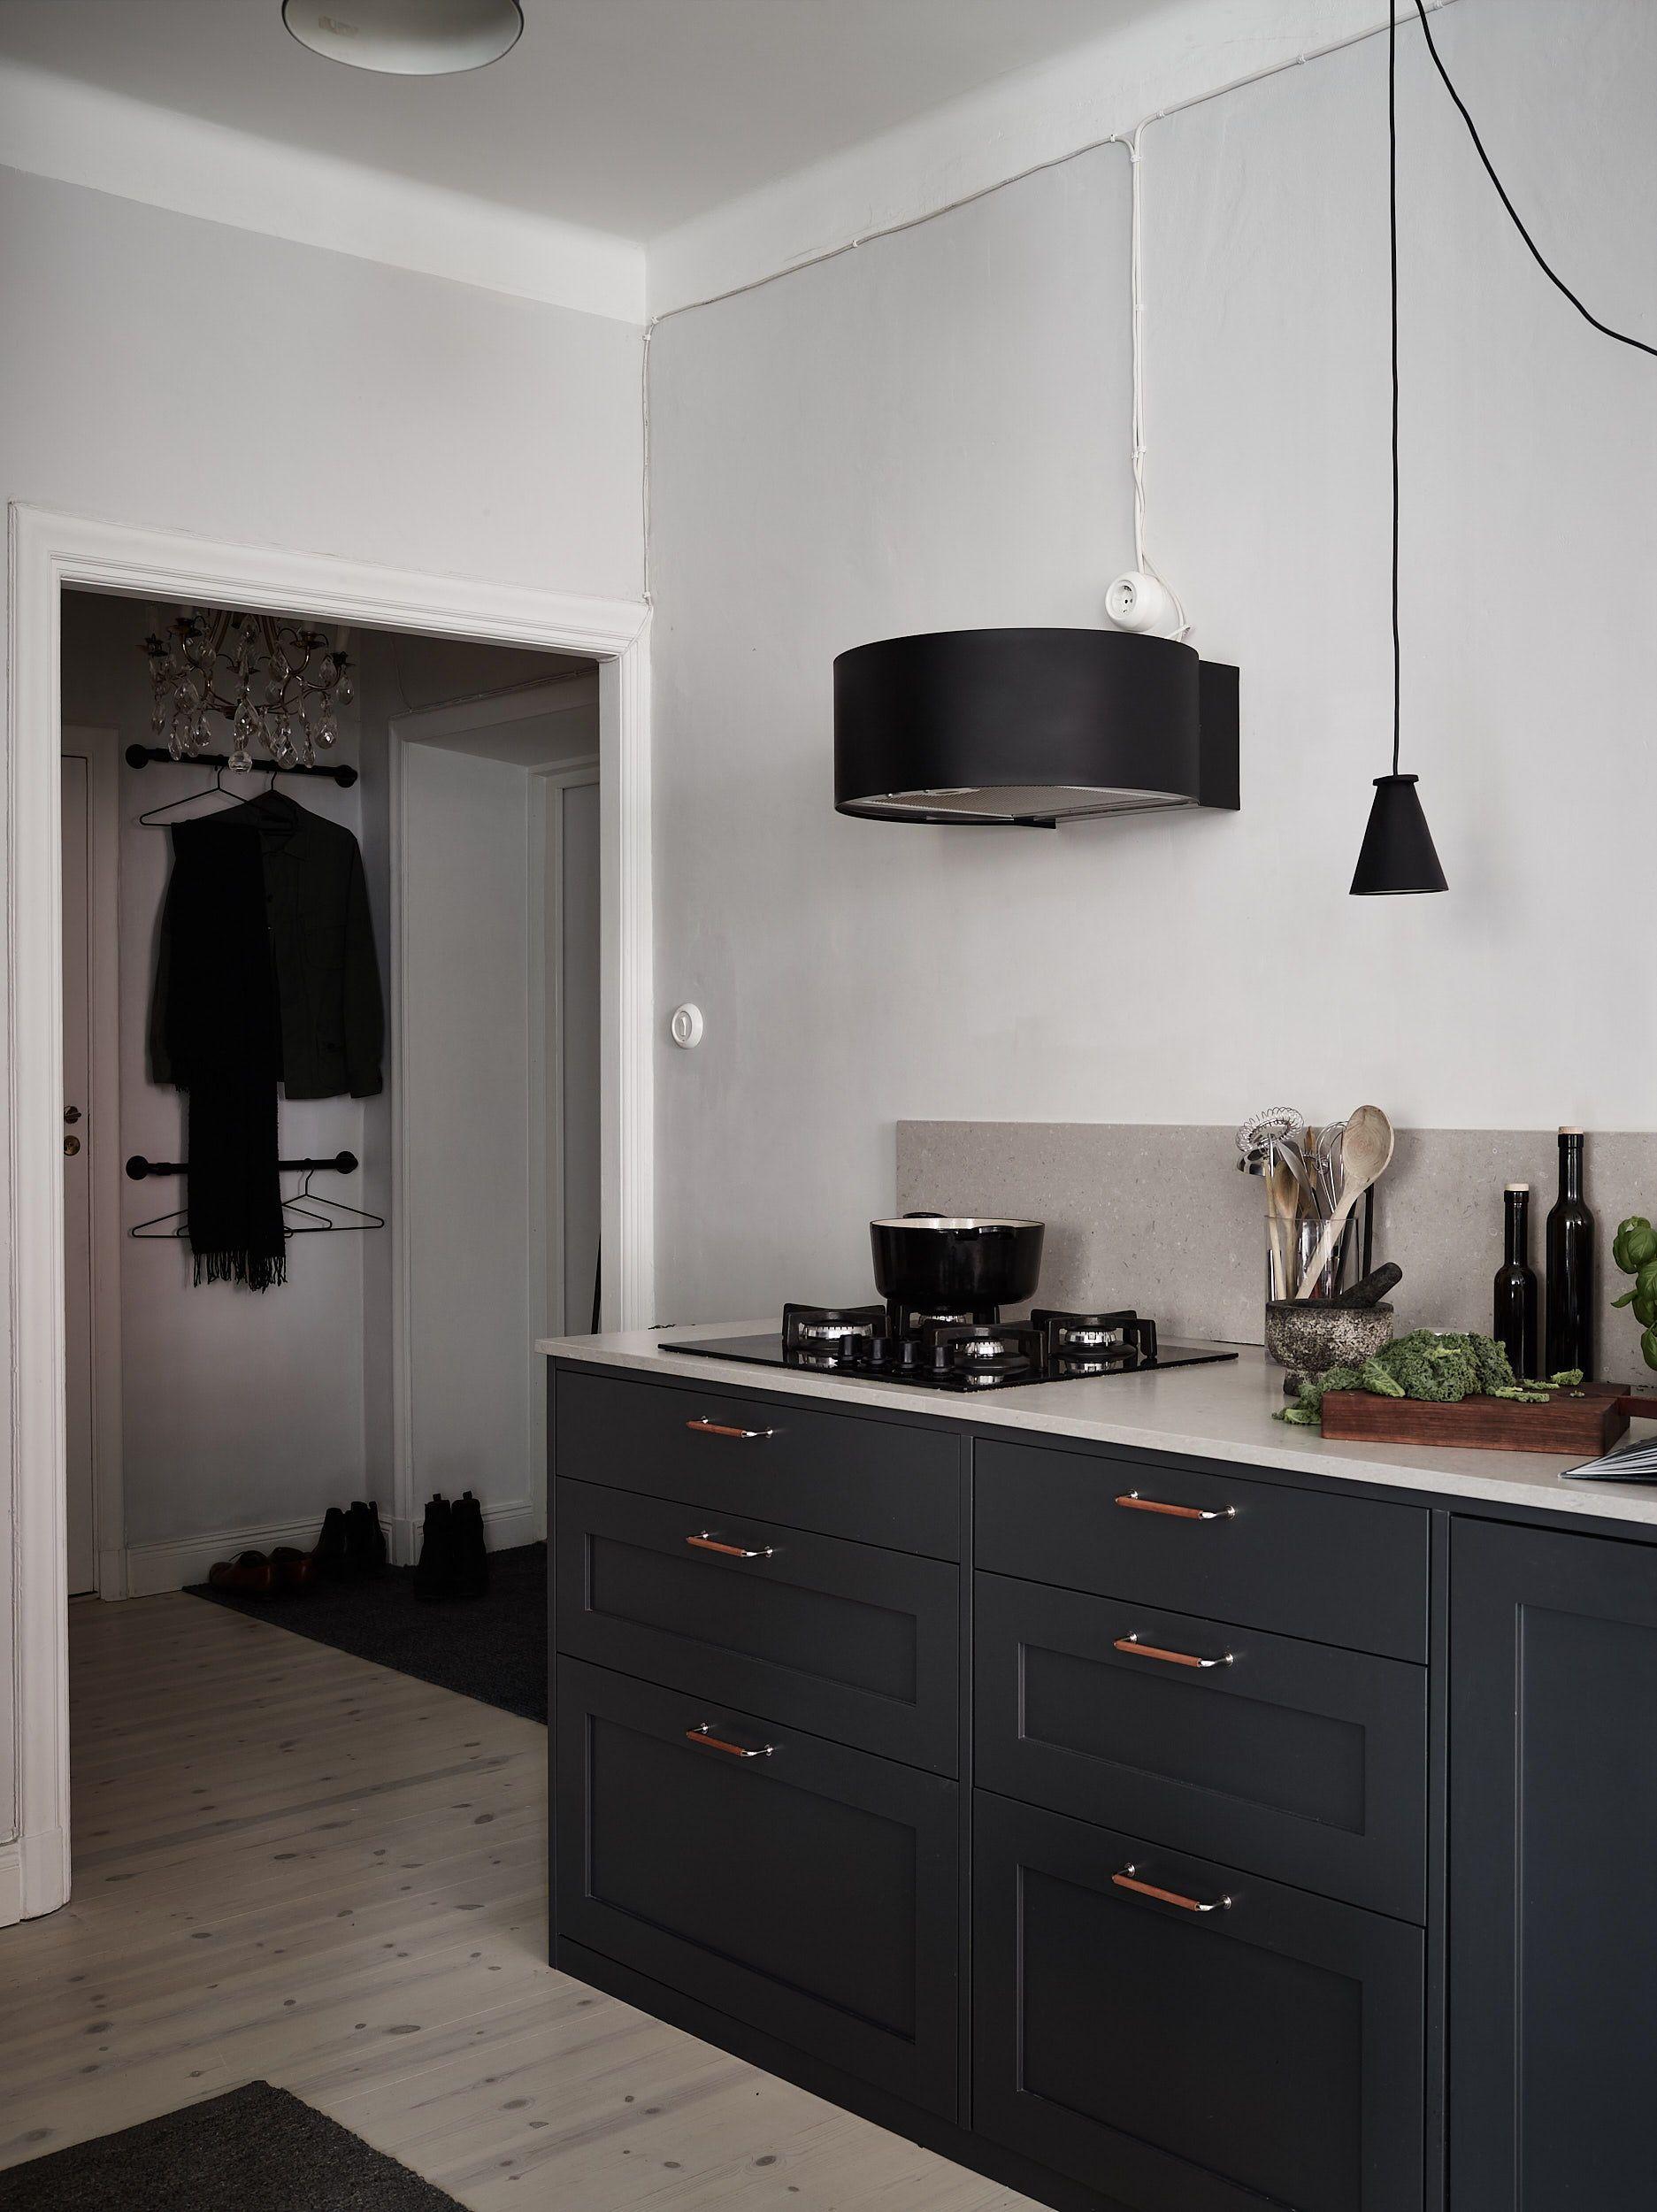 Dark Kitchen With A Beige Countertop Beige Kitchen Home Decor Kitchen Kitchen Inspirations